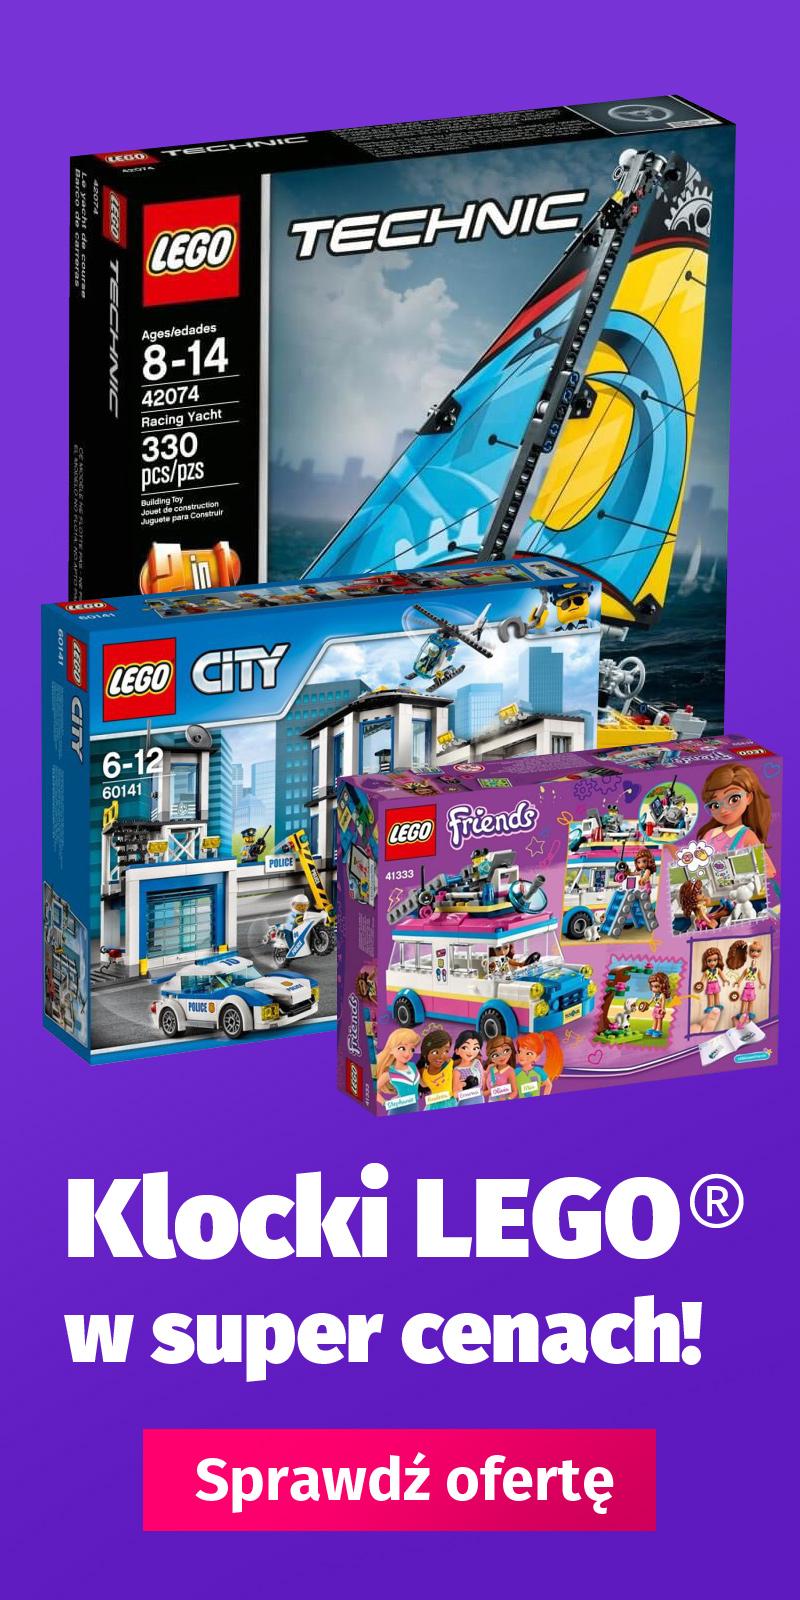 Klocki LEGO w super cenach. Sprawdź ofertę!